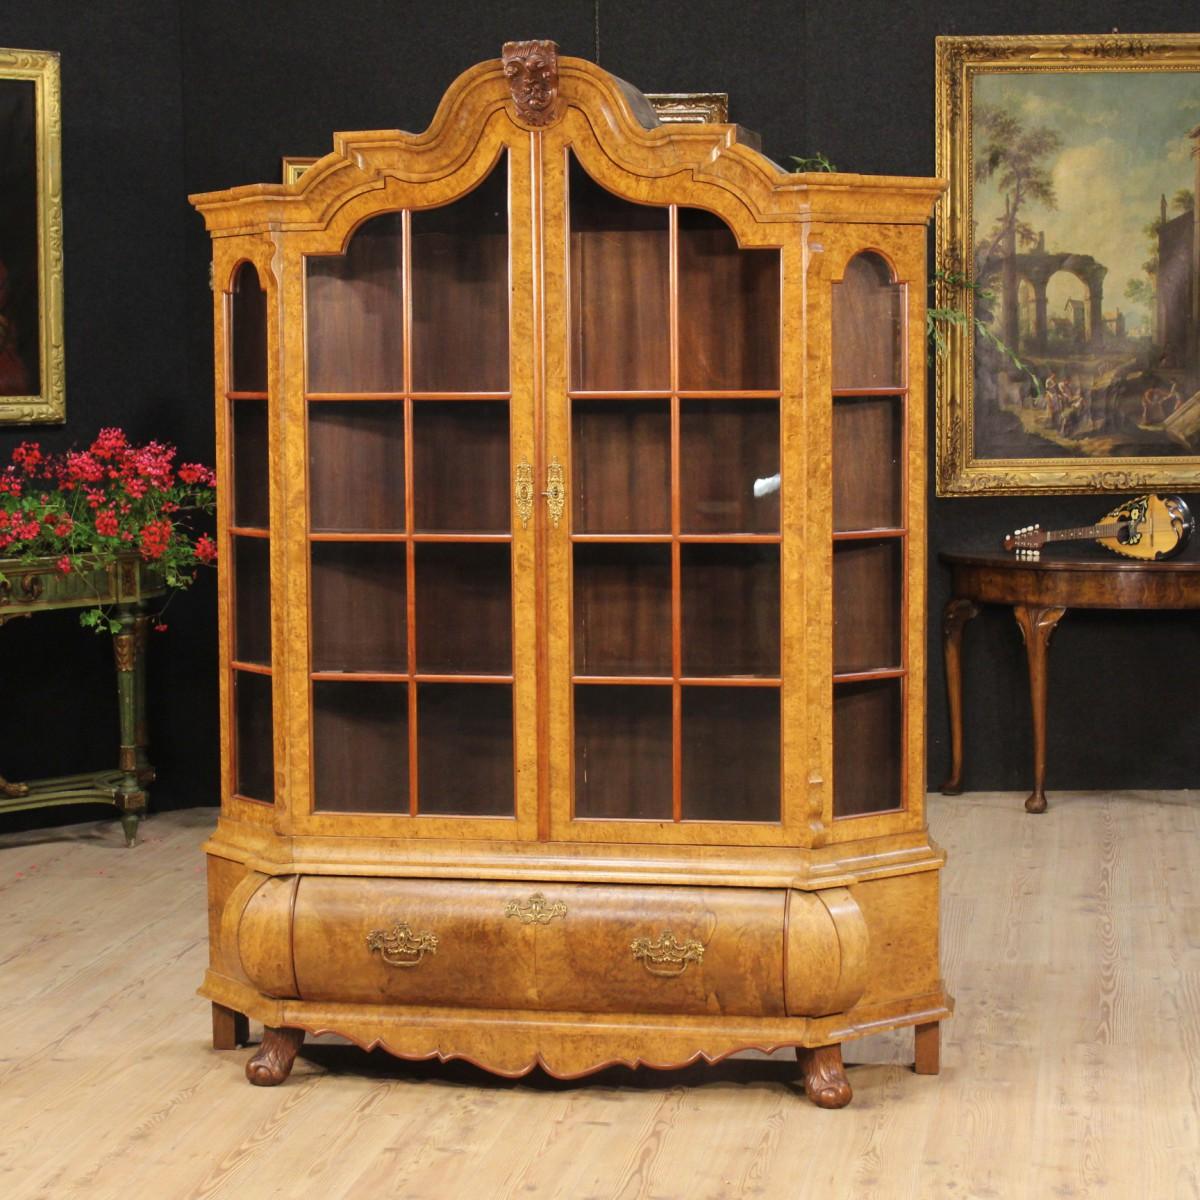 fascino e innovazione nel design dei mobili antichi olandesi